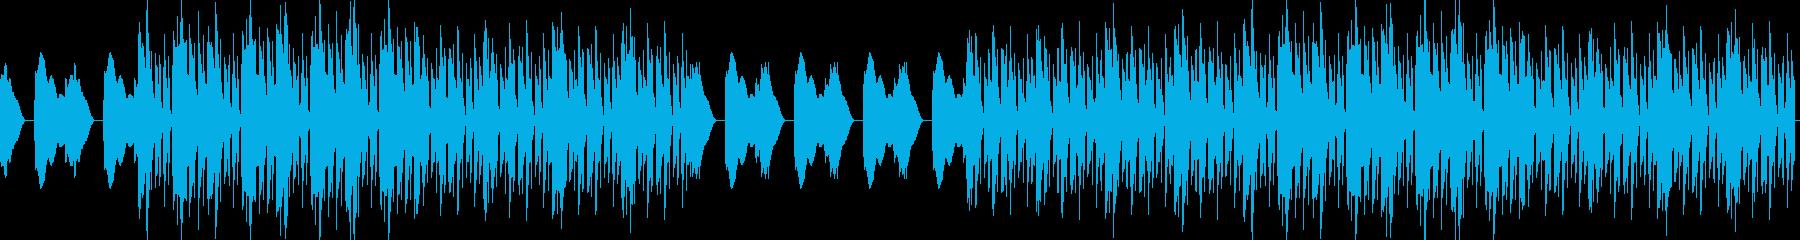 おしゃれEDMハウス・爽やか幻想的・透明の再生済みの波形